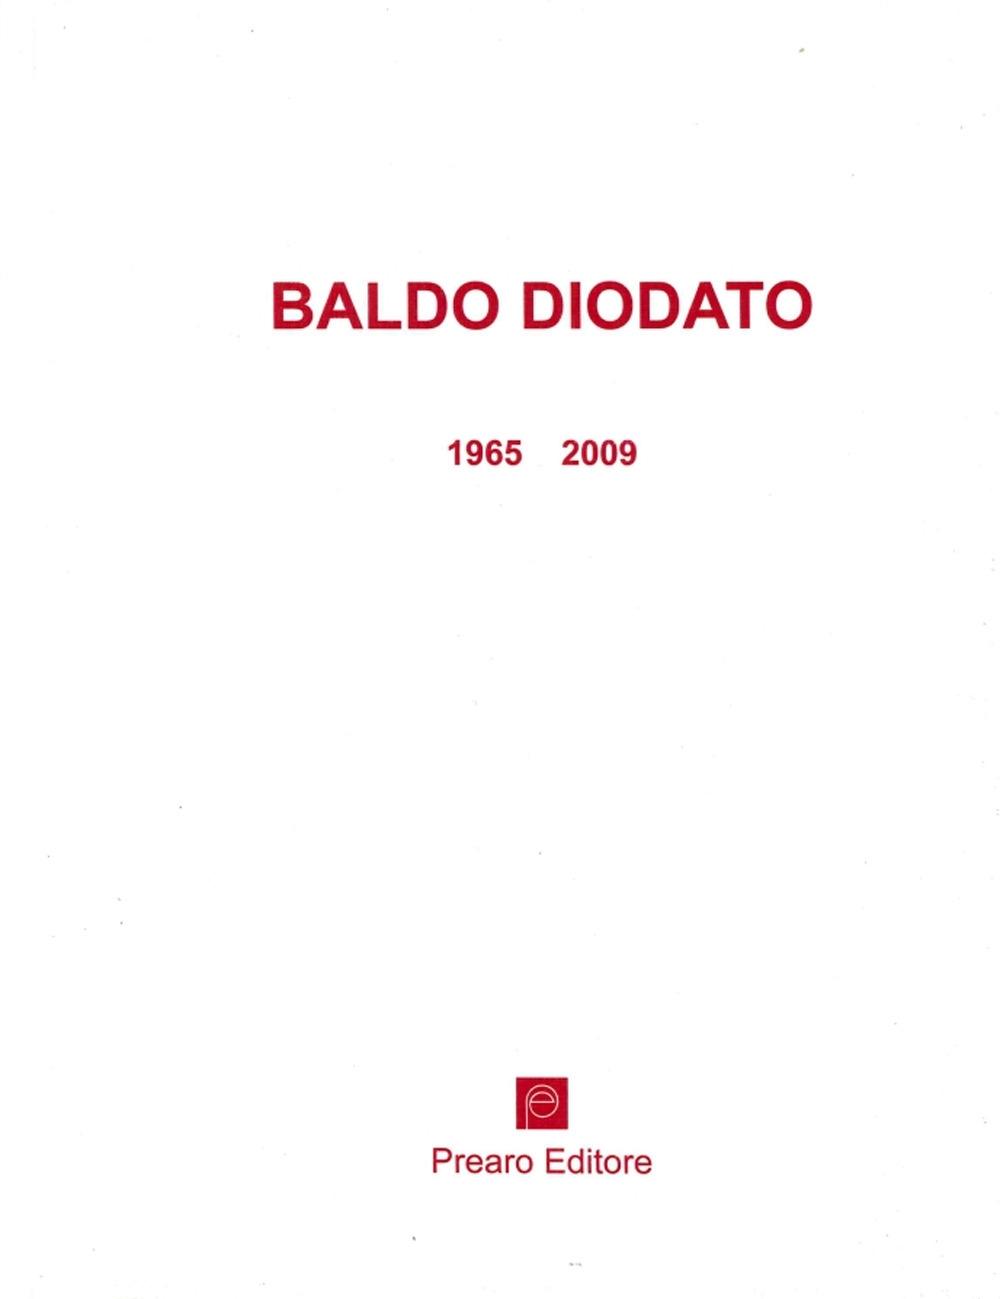 Baldo Diodato 1965-2009